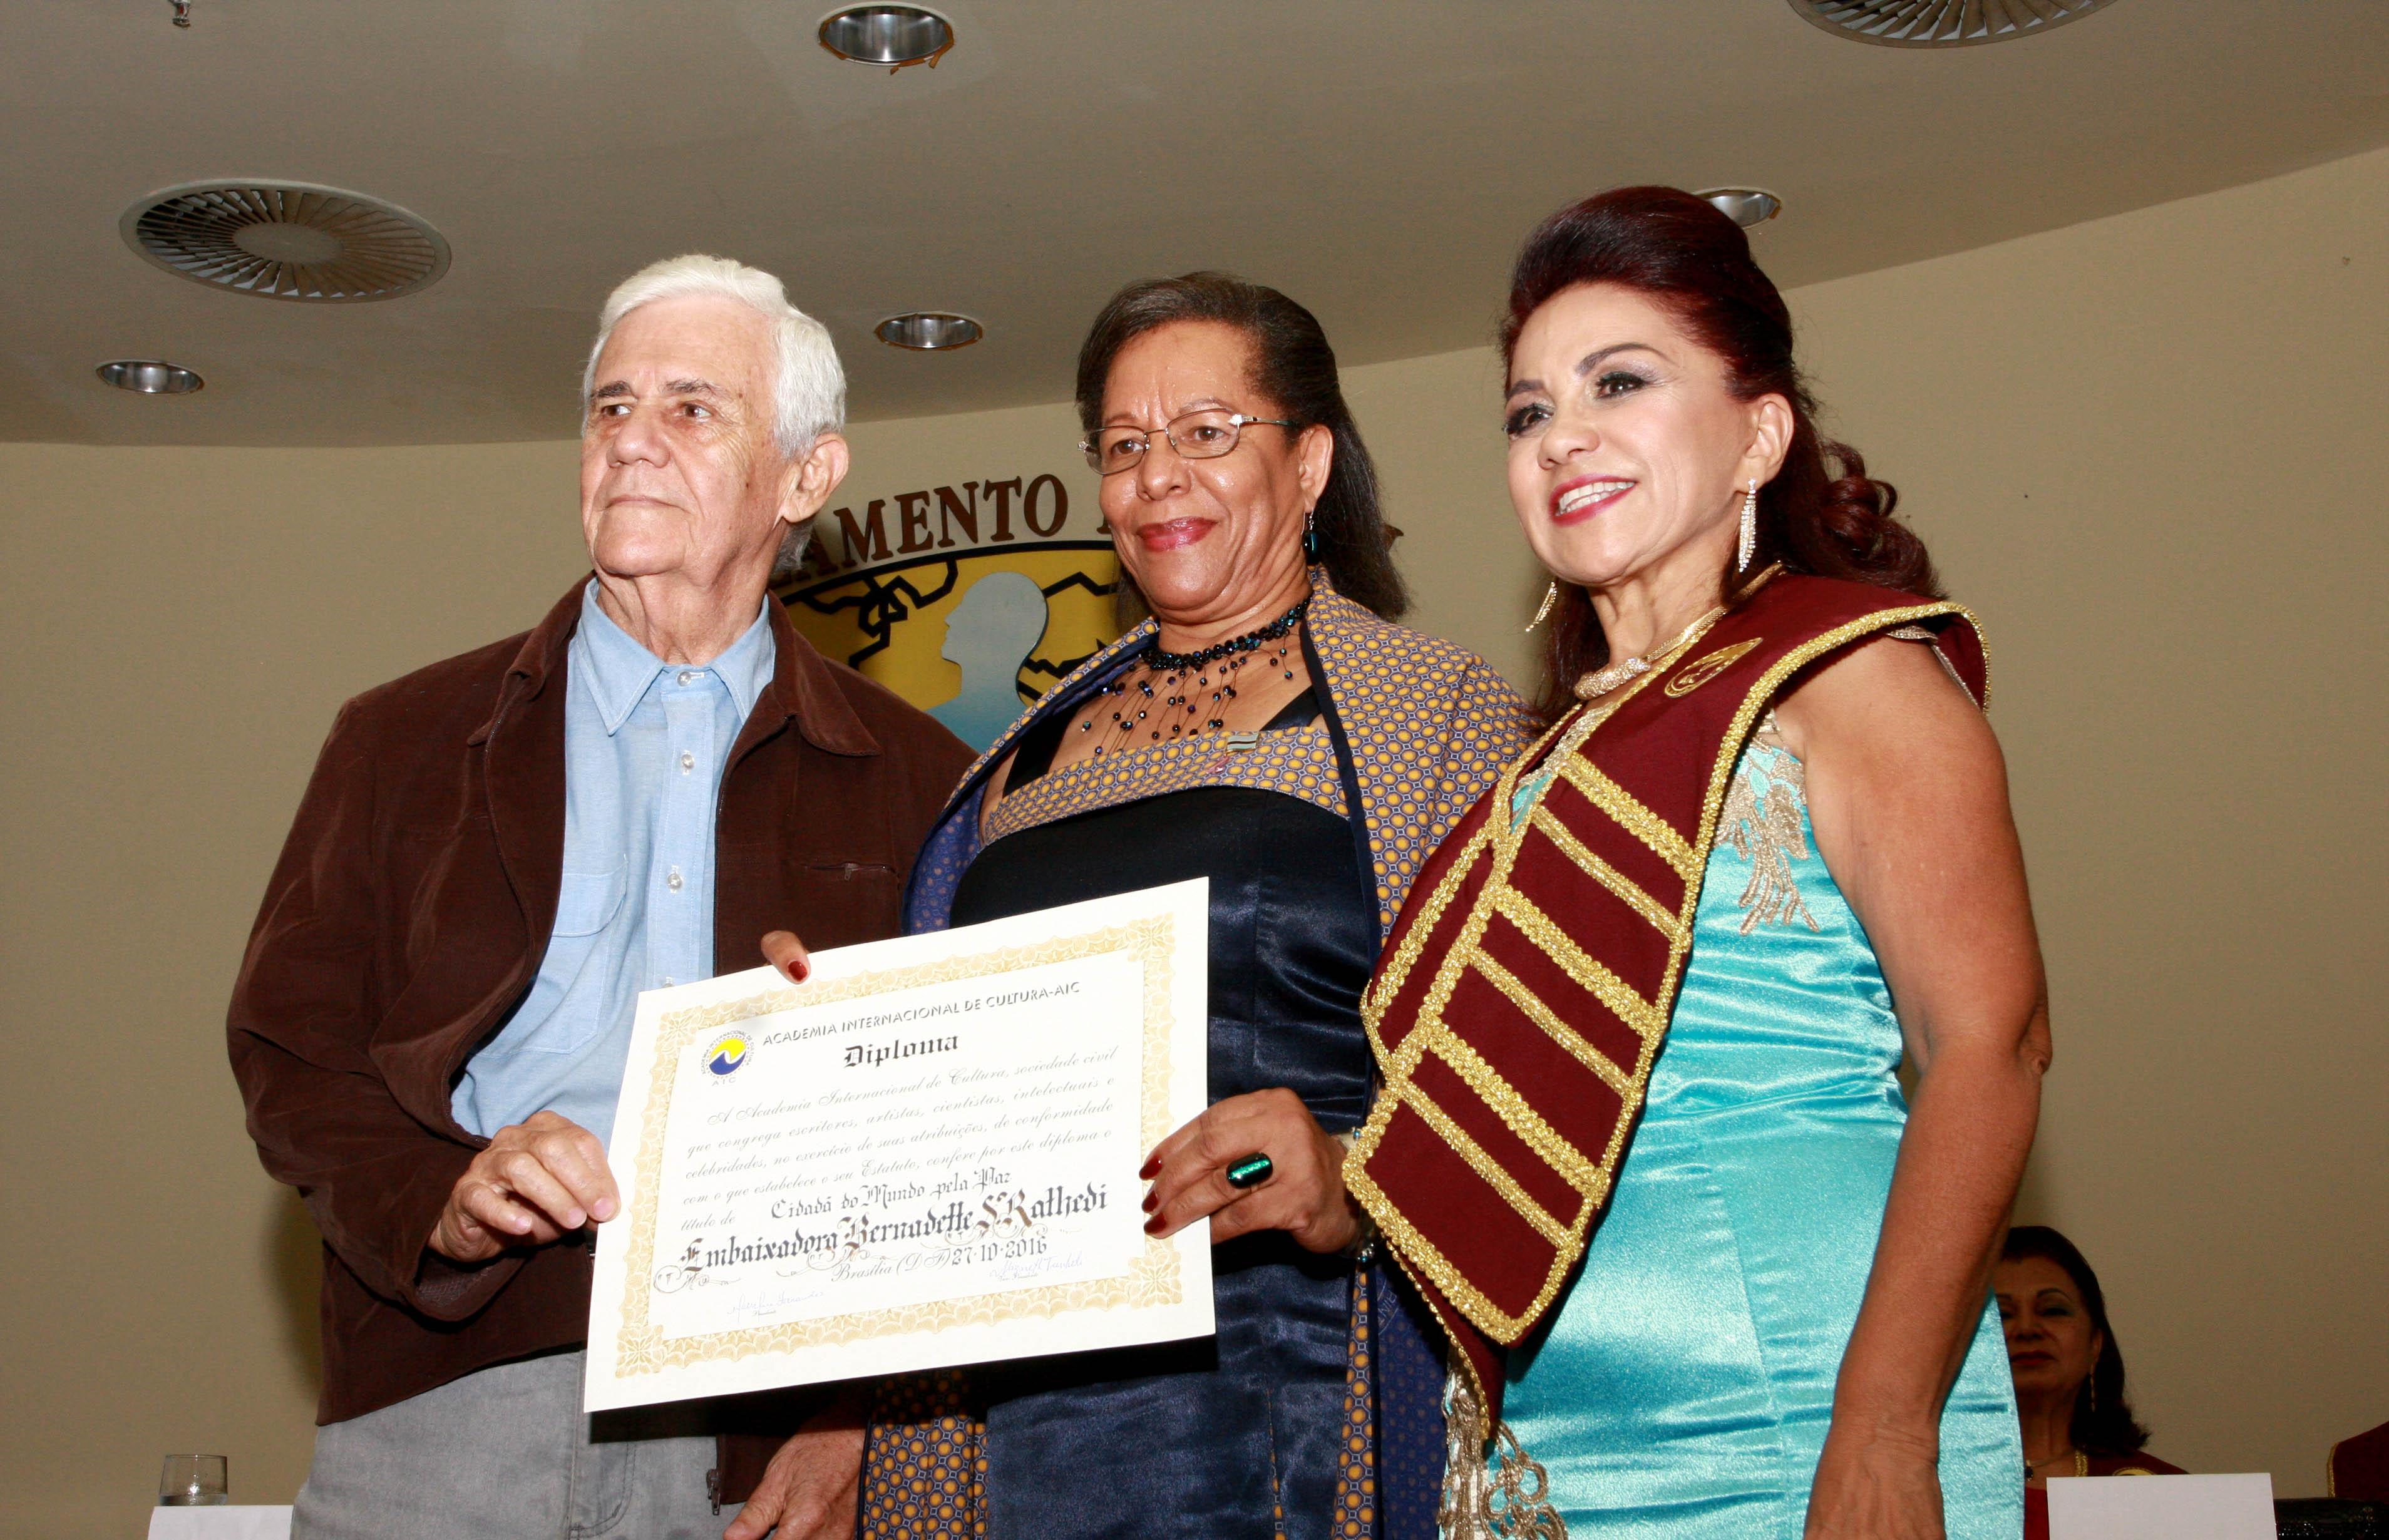 Bernardette Sebage Rathedi e Meireluce Fernandes